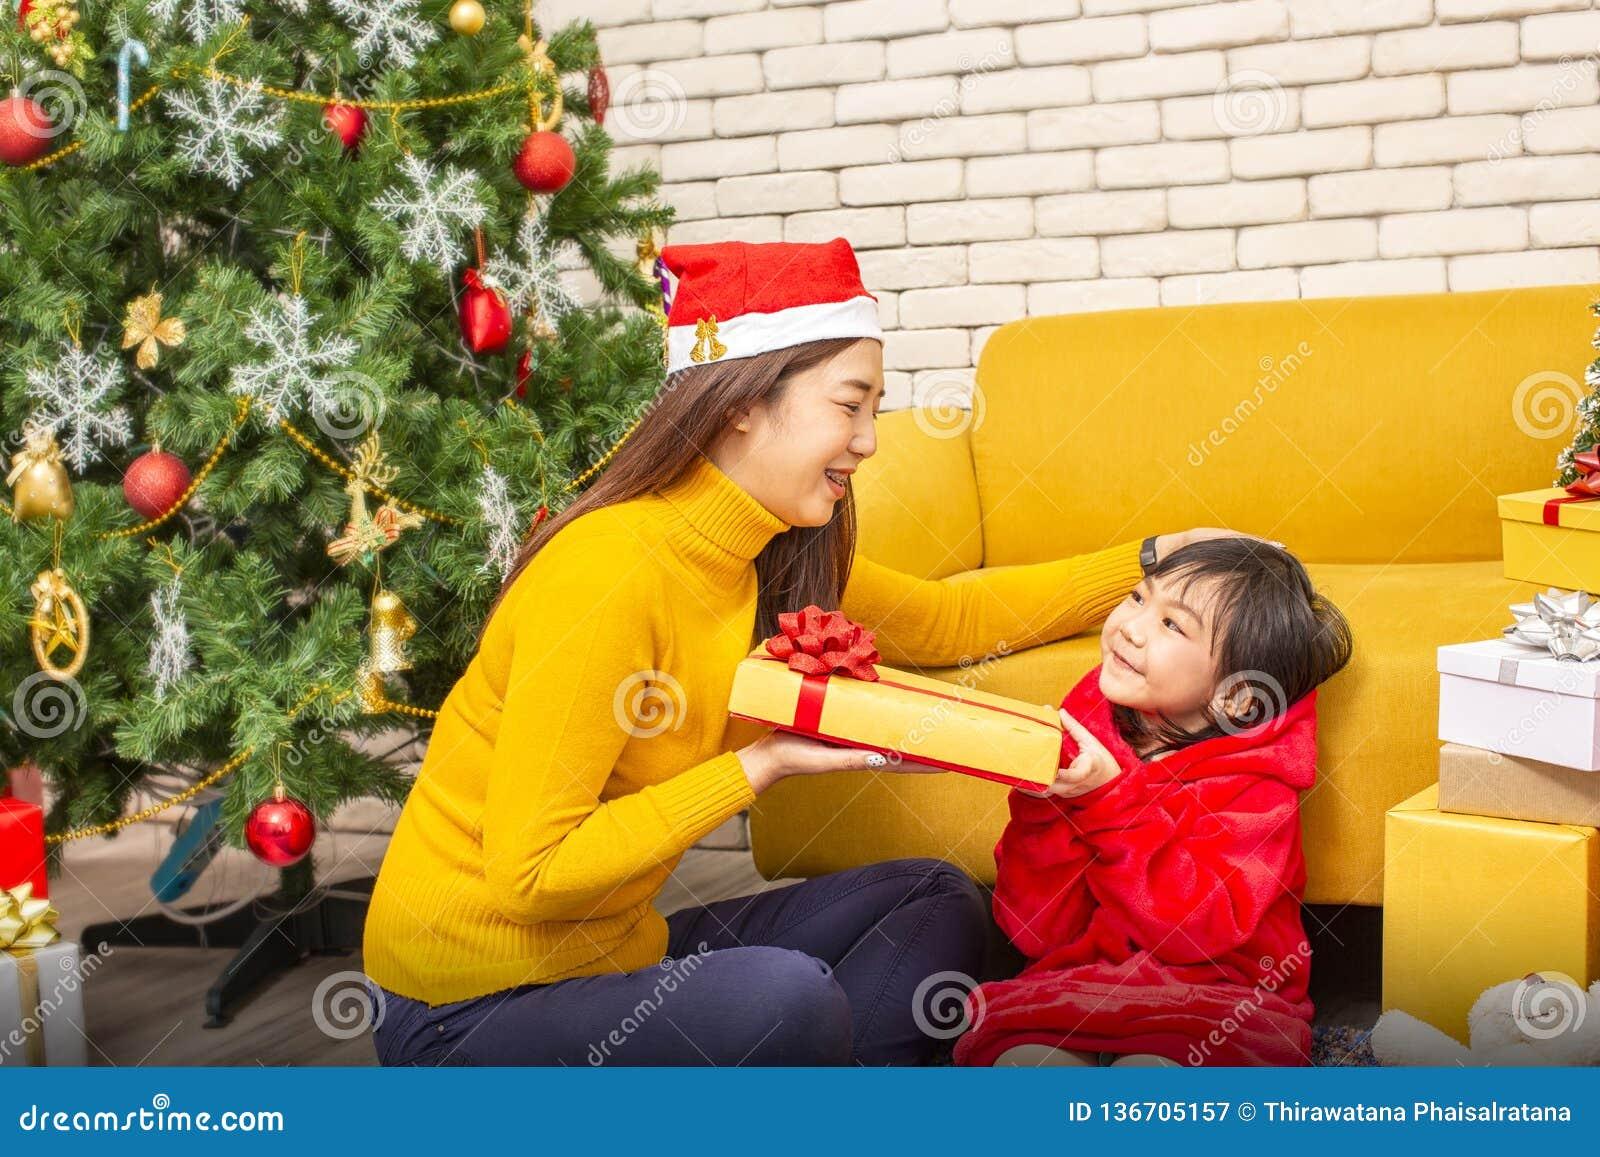 Glad jul och lyckligt lycklig nytt år för ferier eller Mamman ger gåvor till barn Den gulliga flickan ger hans älskade moder en g